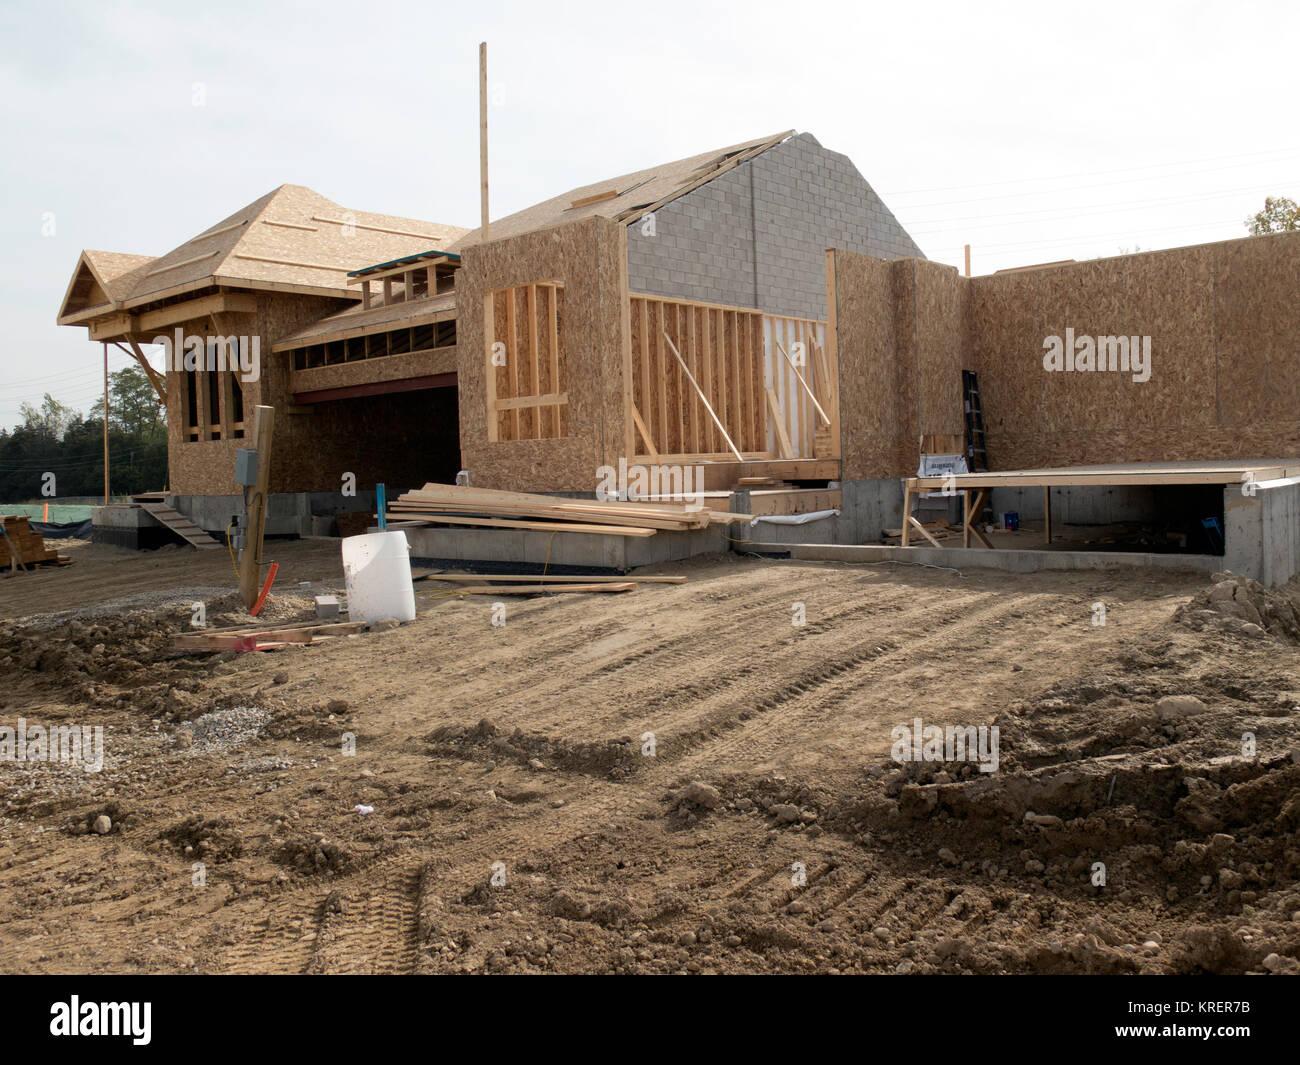 Subdivision ontario stock photos subdivision ontario for Building a house in ontario